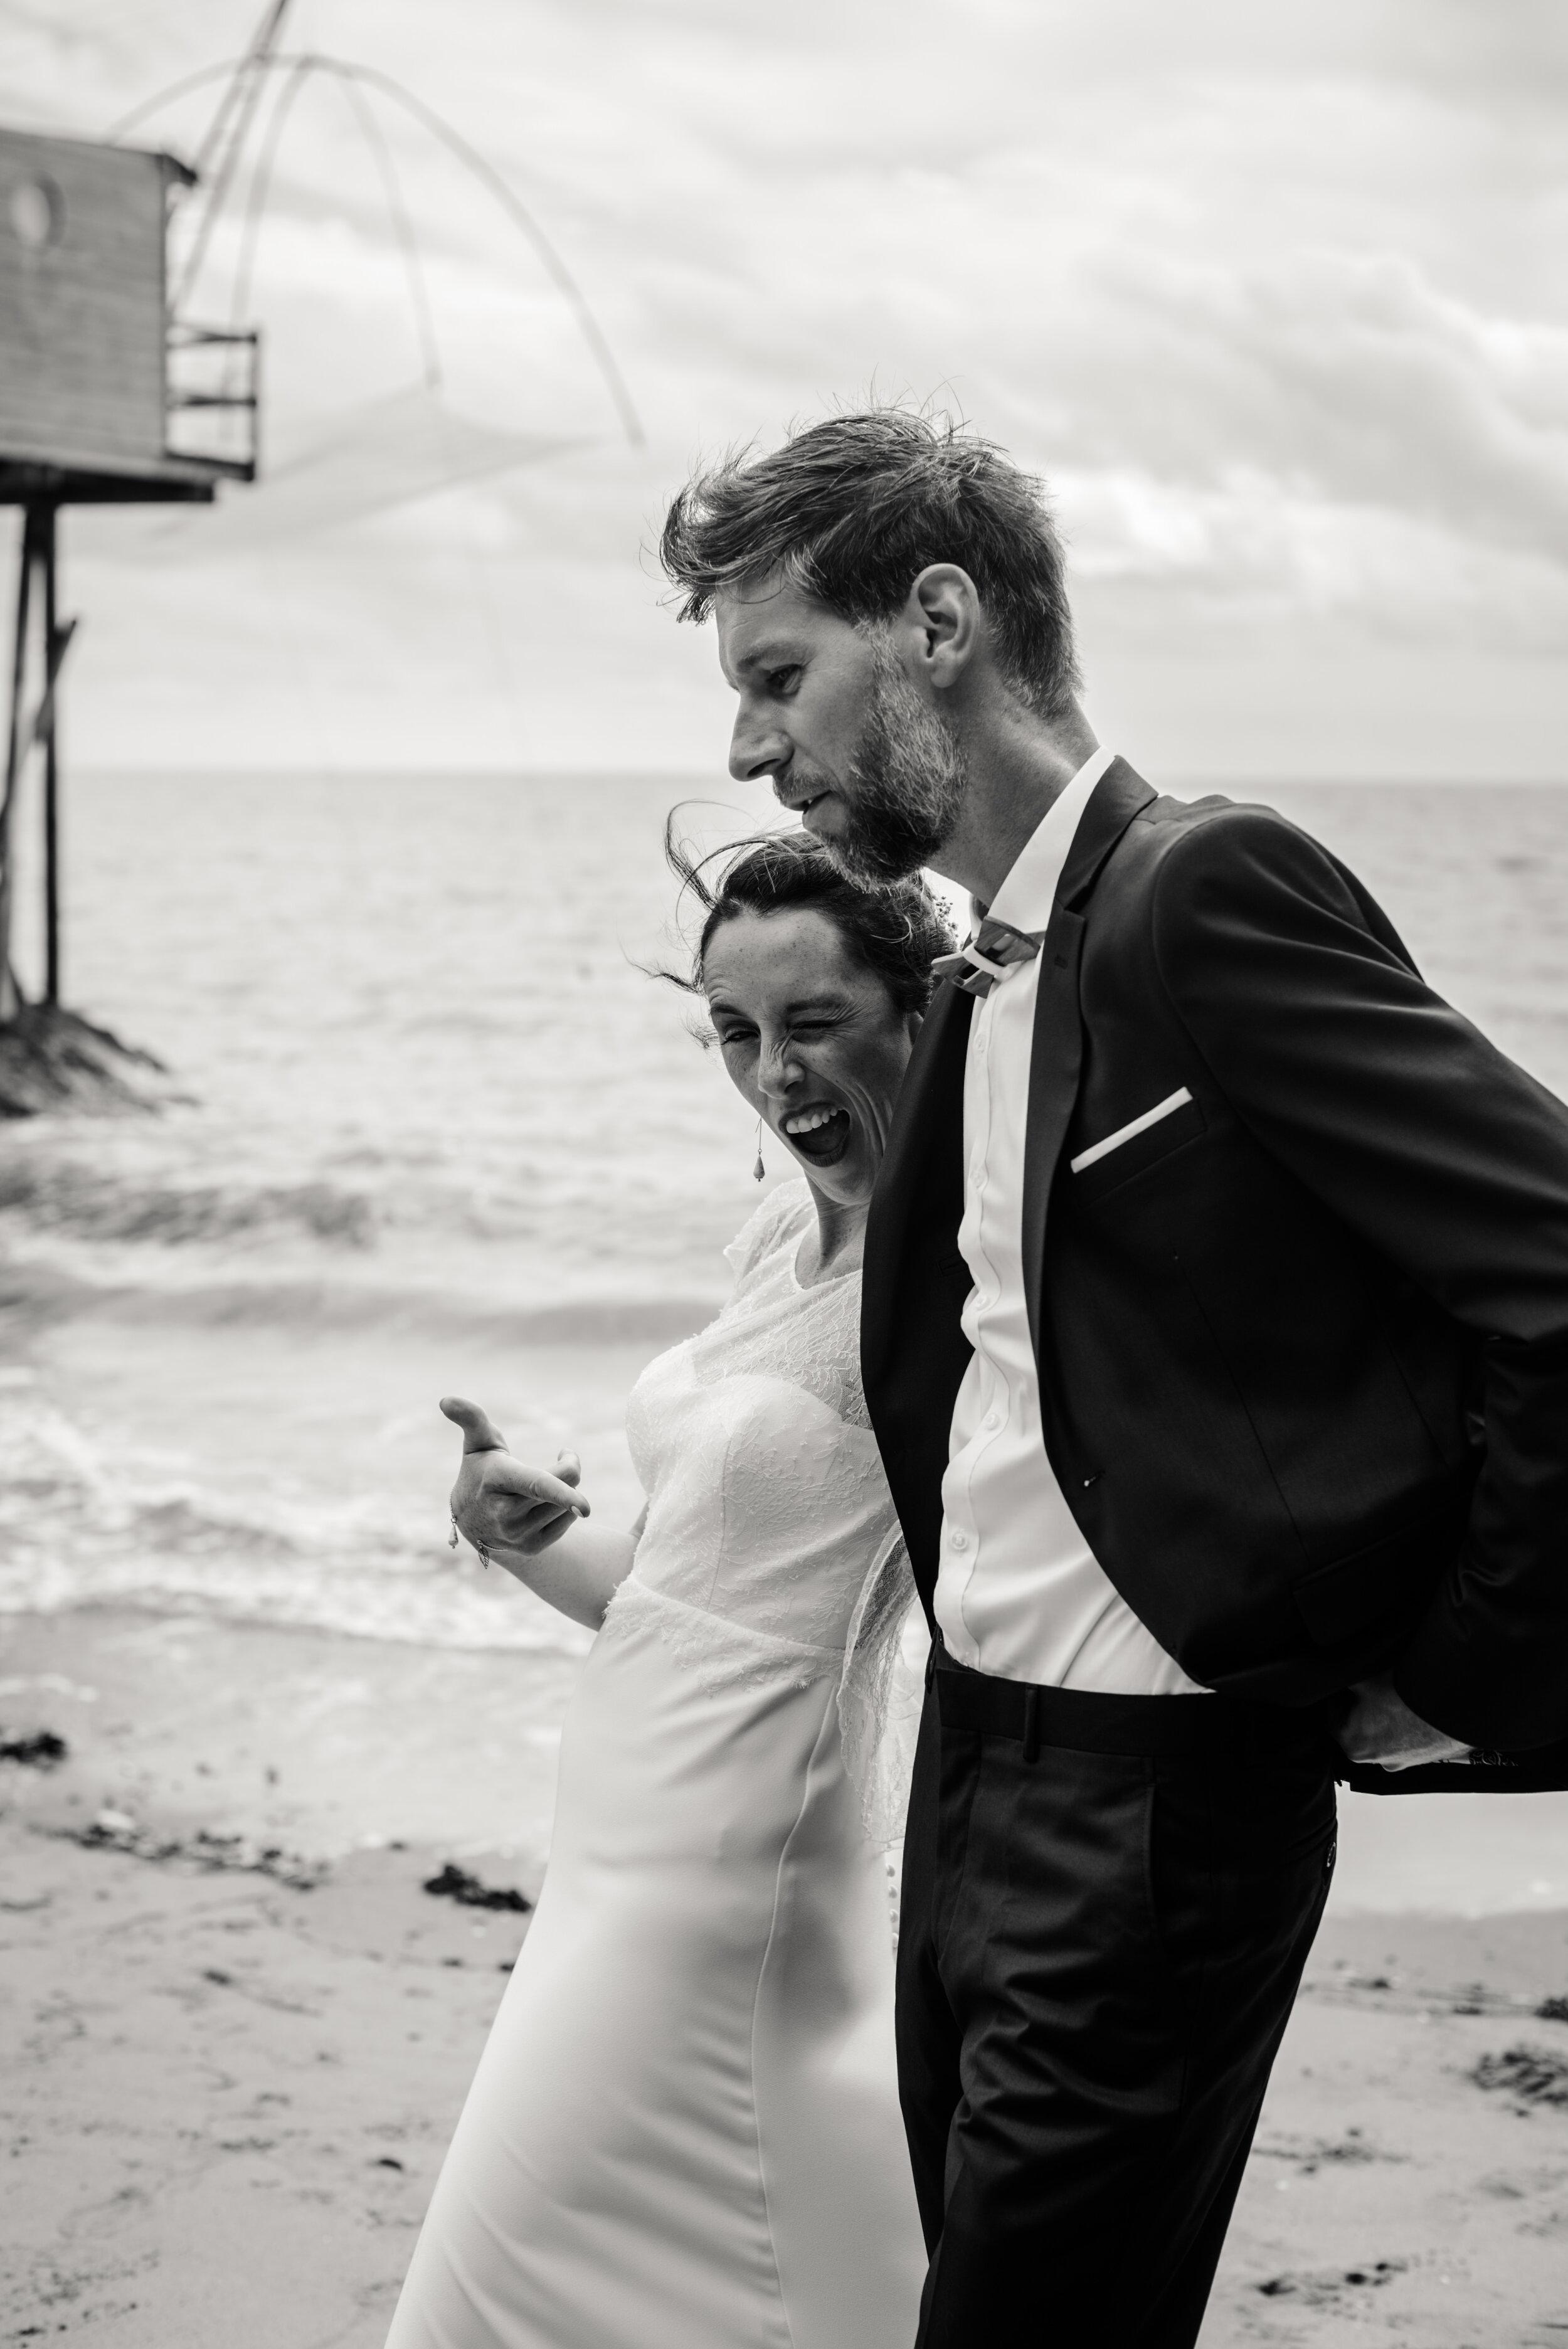 Léa-Fery-photographe-professionnel-Bretagne-portrait-creation-mariage-evenement-evenementiel-famille-1487.jpg